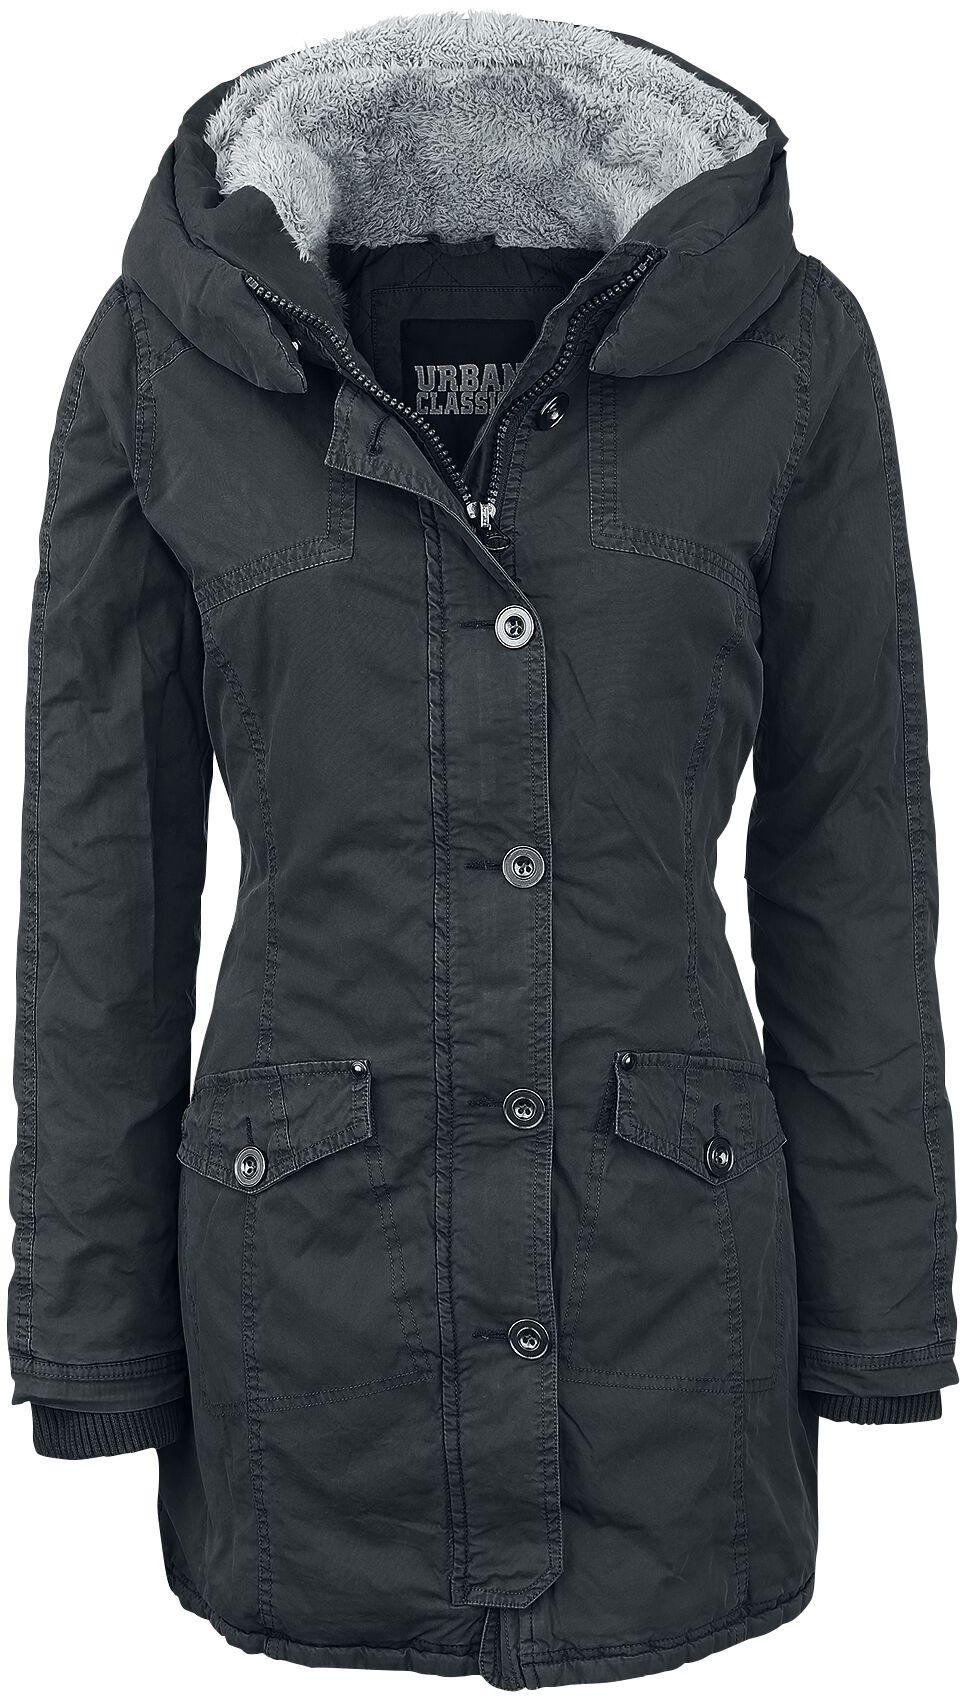 Jacken für Frauen - Urban Classics Ladies Garment Washed Long Parka Übergangsjacke schwarz  - Onlineshop EMP